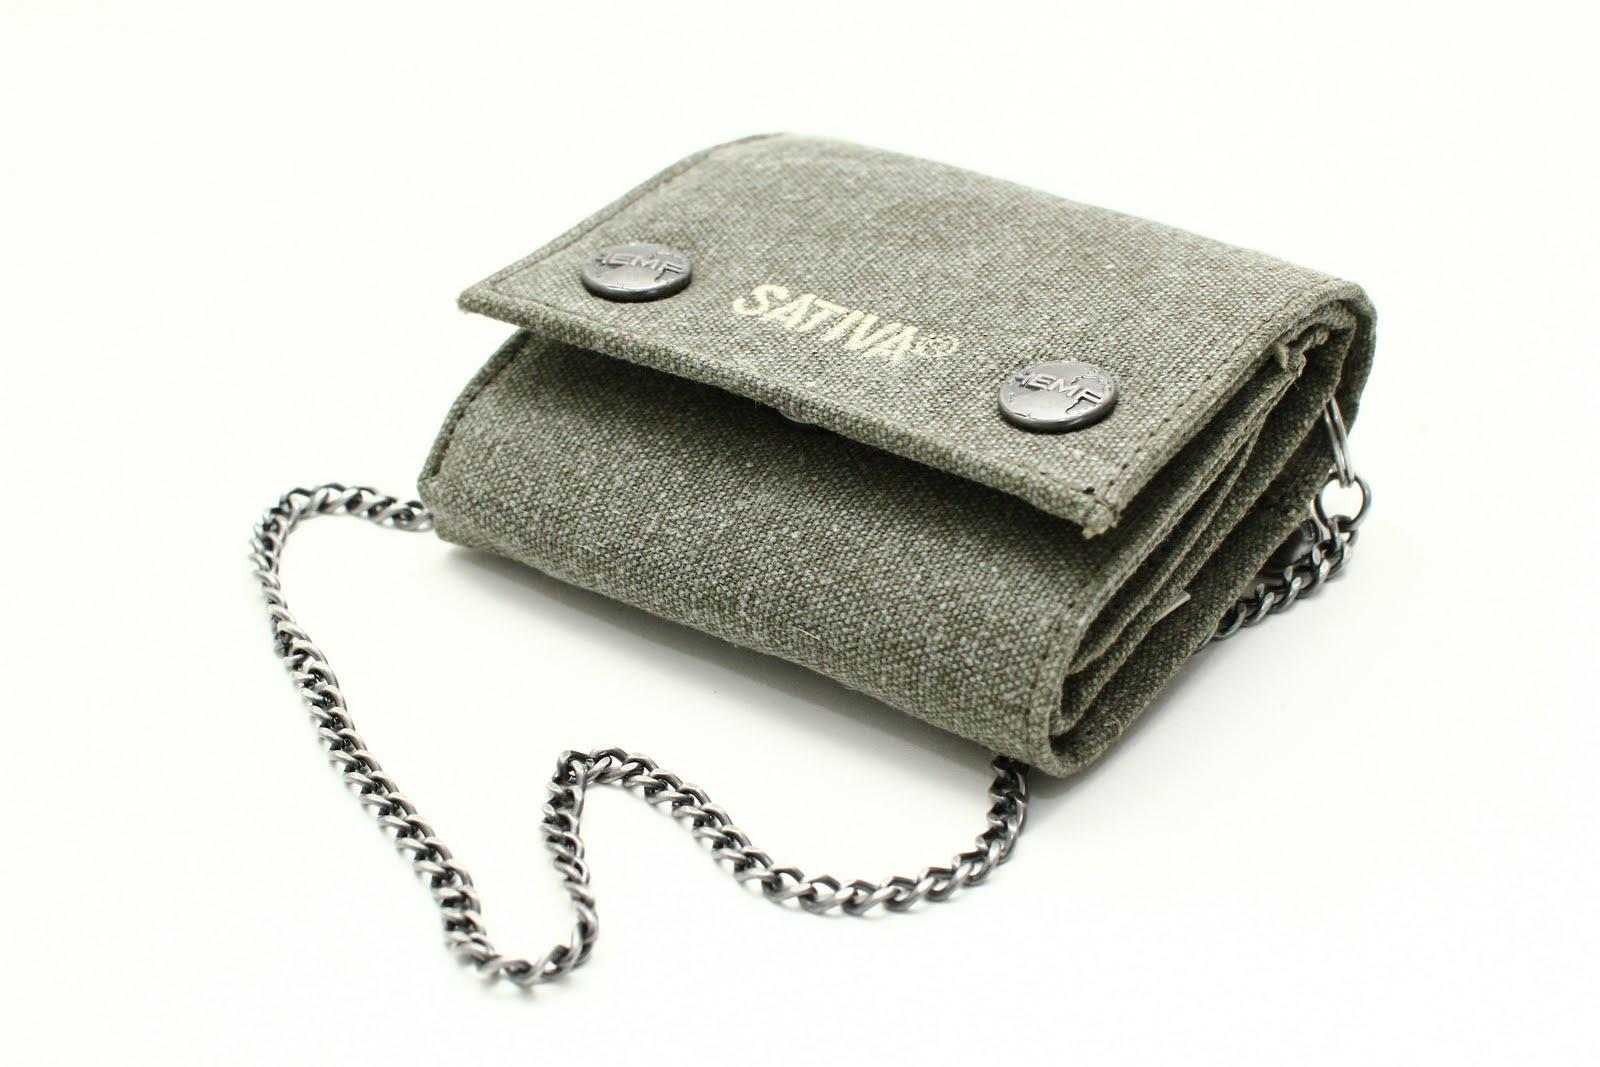 Hemp Wallet with Chian